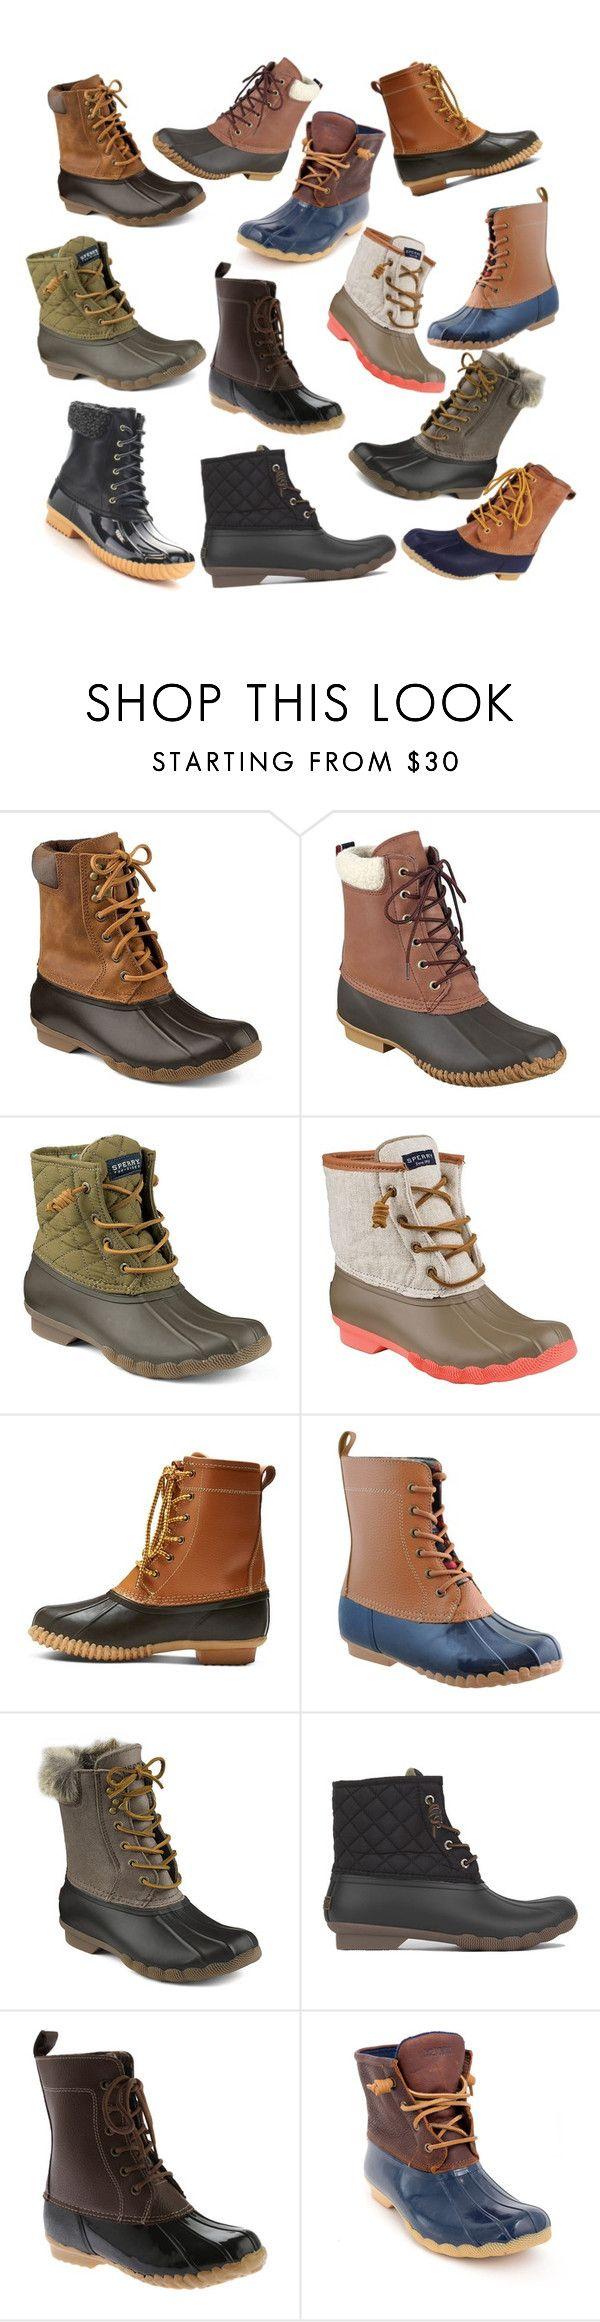 best 25 duck boots outfit ideas on pinterest duck boots winter boots and sorel womens winter boots - Duck Rain Boots